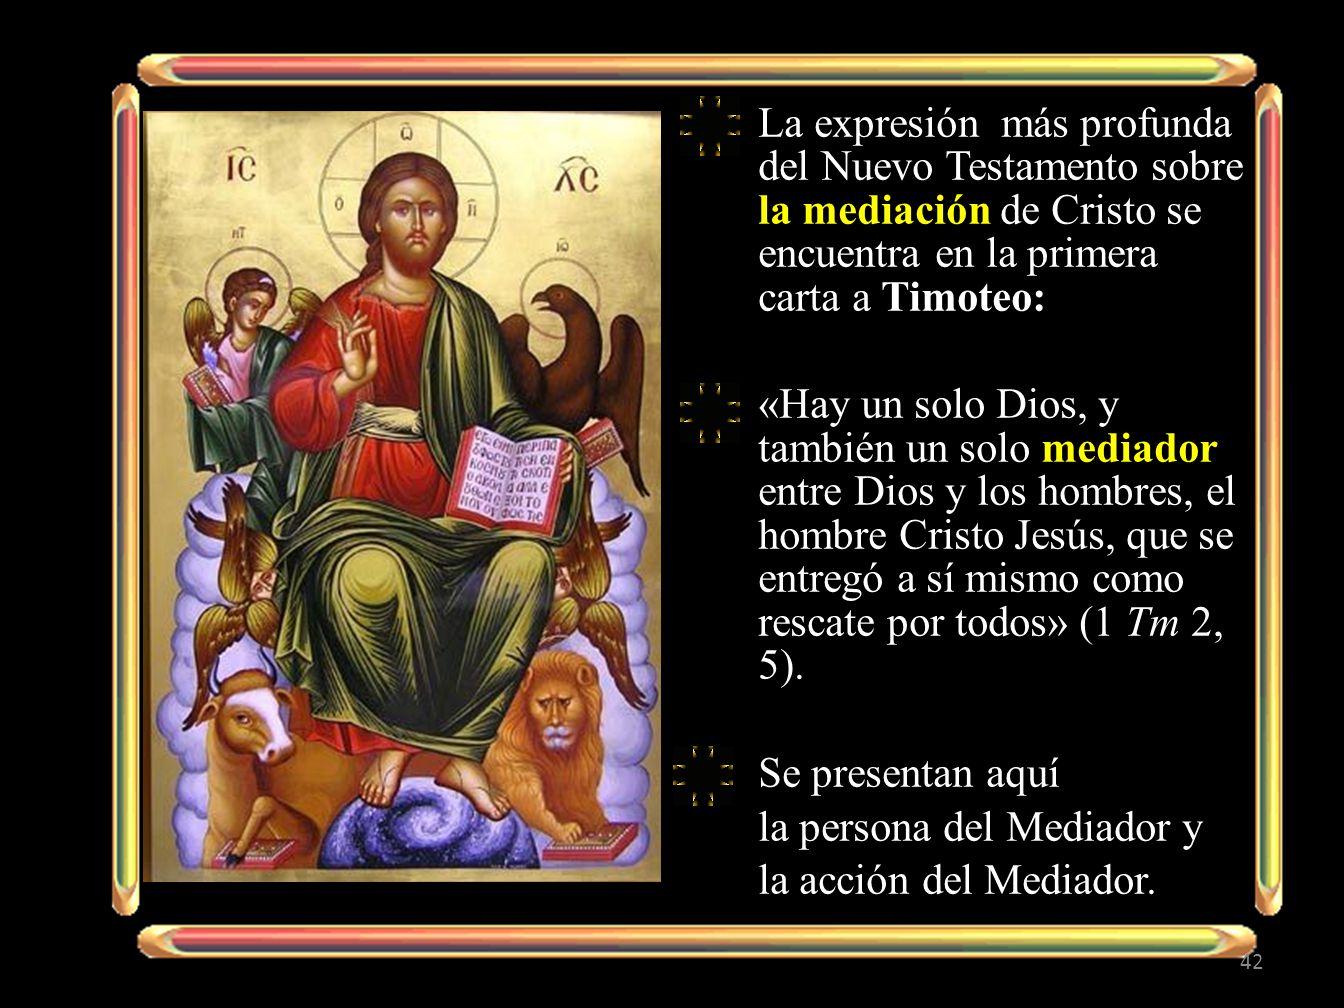 La expresión más profunda del Nuevo Testamento sobre la mediación de Cristo se encuentra en la primera carta a Timoteo: «Hay un solo Dios, y también un solo mediador entre Dios y los hombres, el hombre Cristo Jesús, que se entregó a sí mismo como rescate por todos» (1 Tm 2, 5).